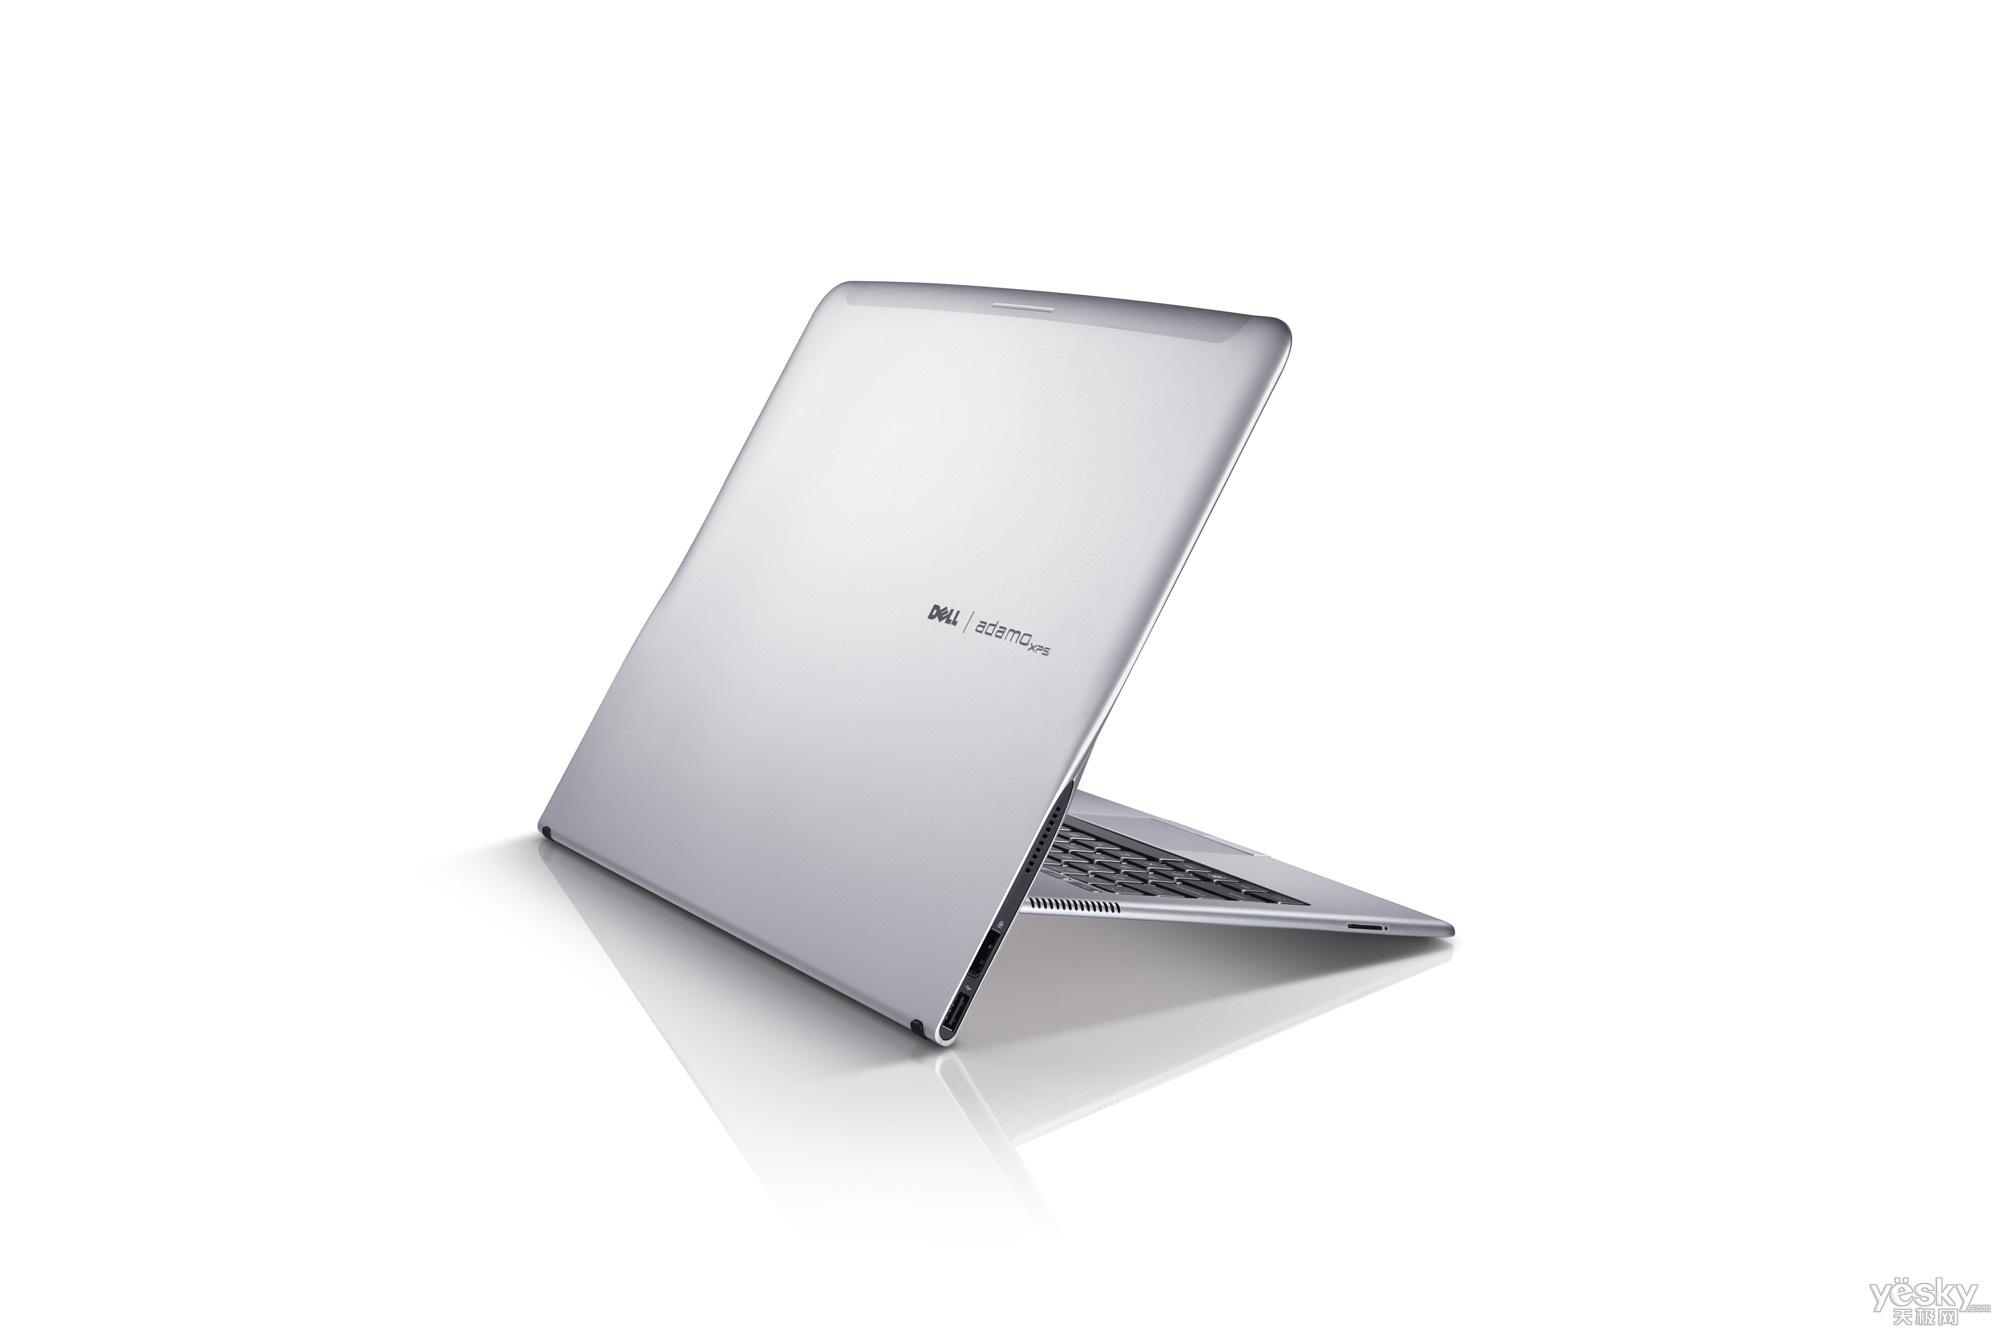 无限拓展的戴尔笔记本电脑工业设计